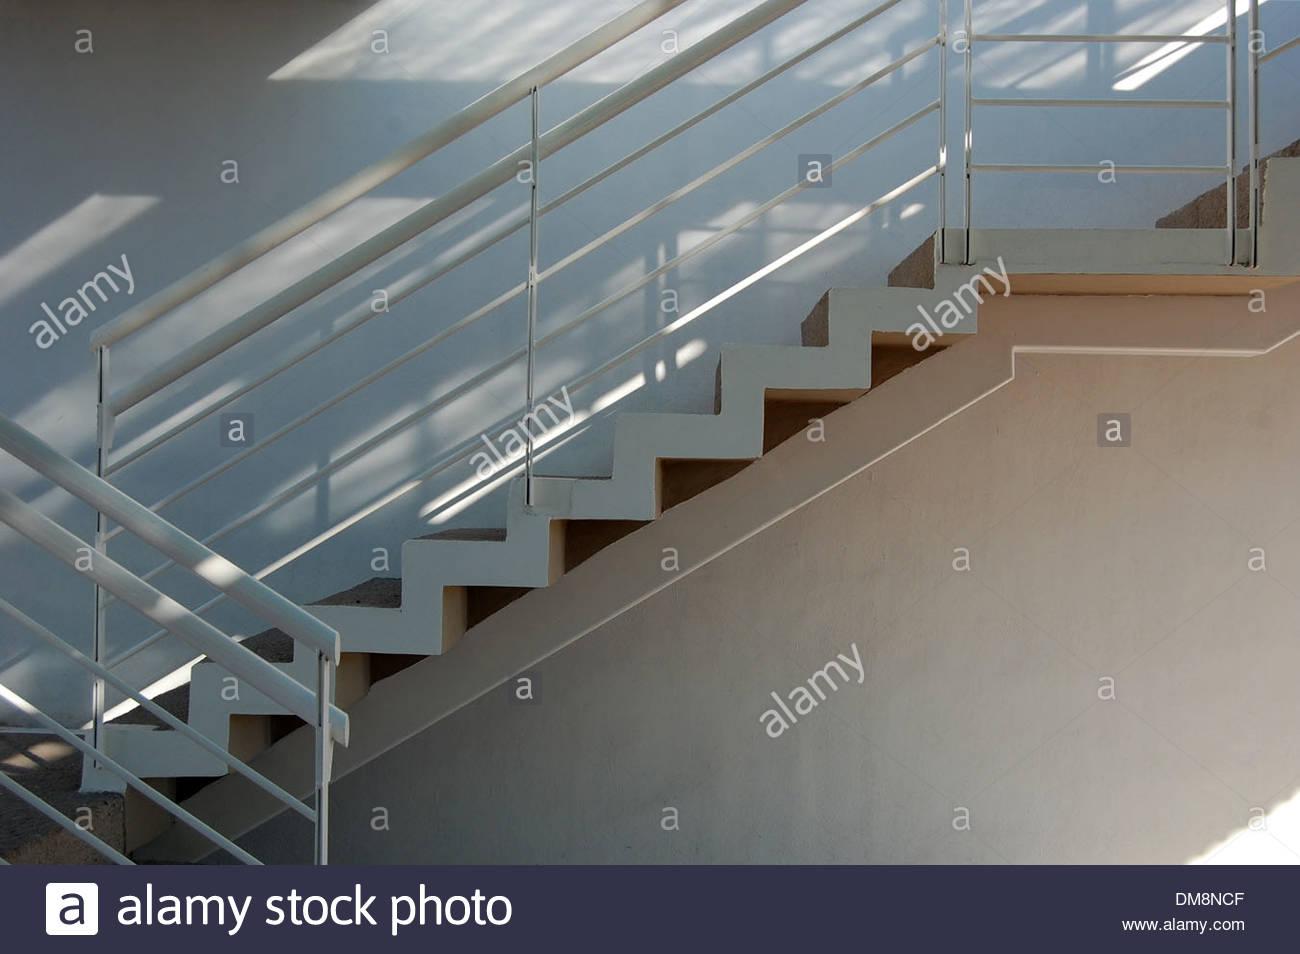 Treppenhaus architektur  Moderne zeitgenössische Architektur Metaphern Seite Profil Ansicht ...